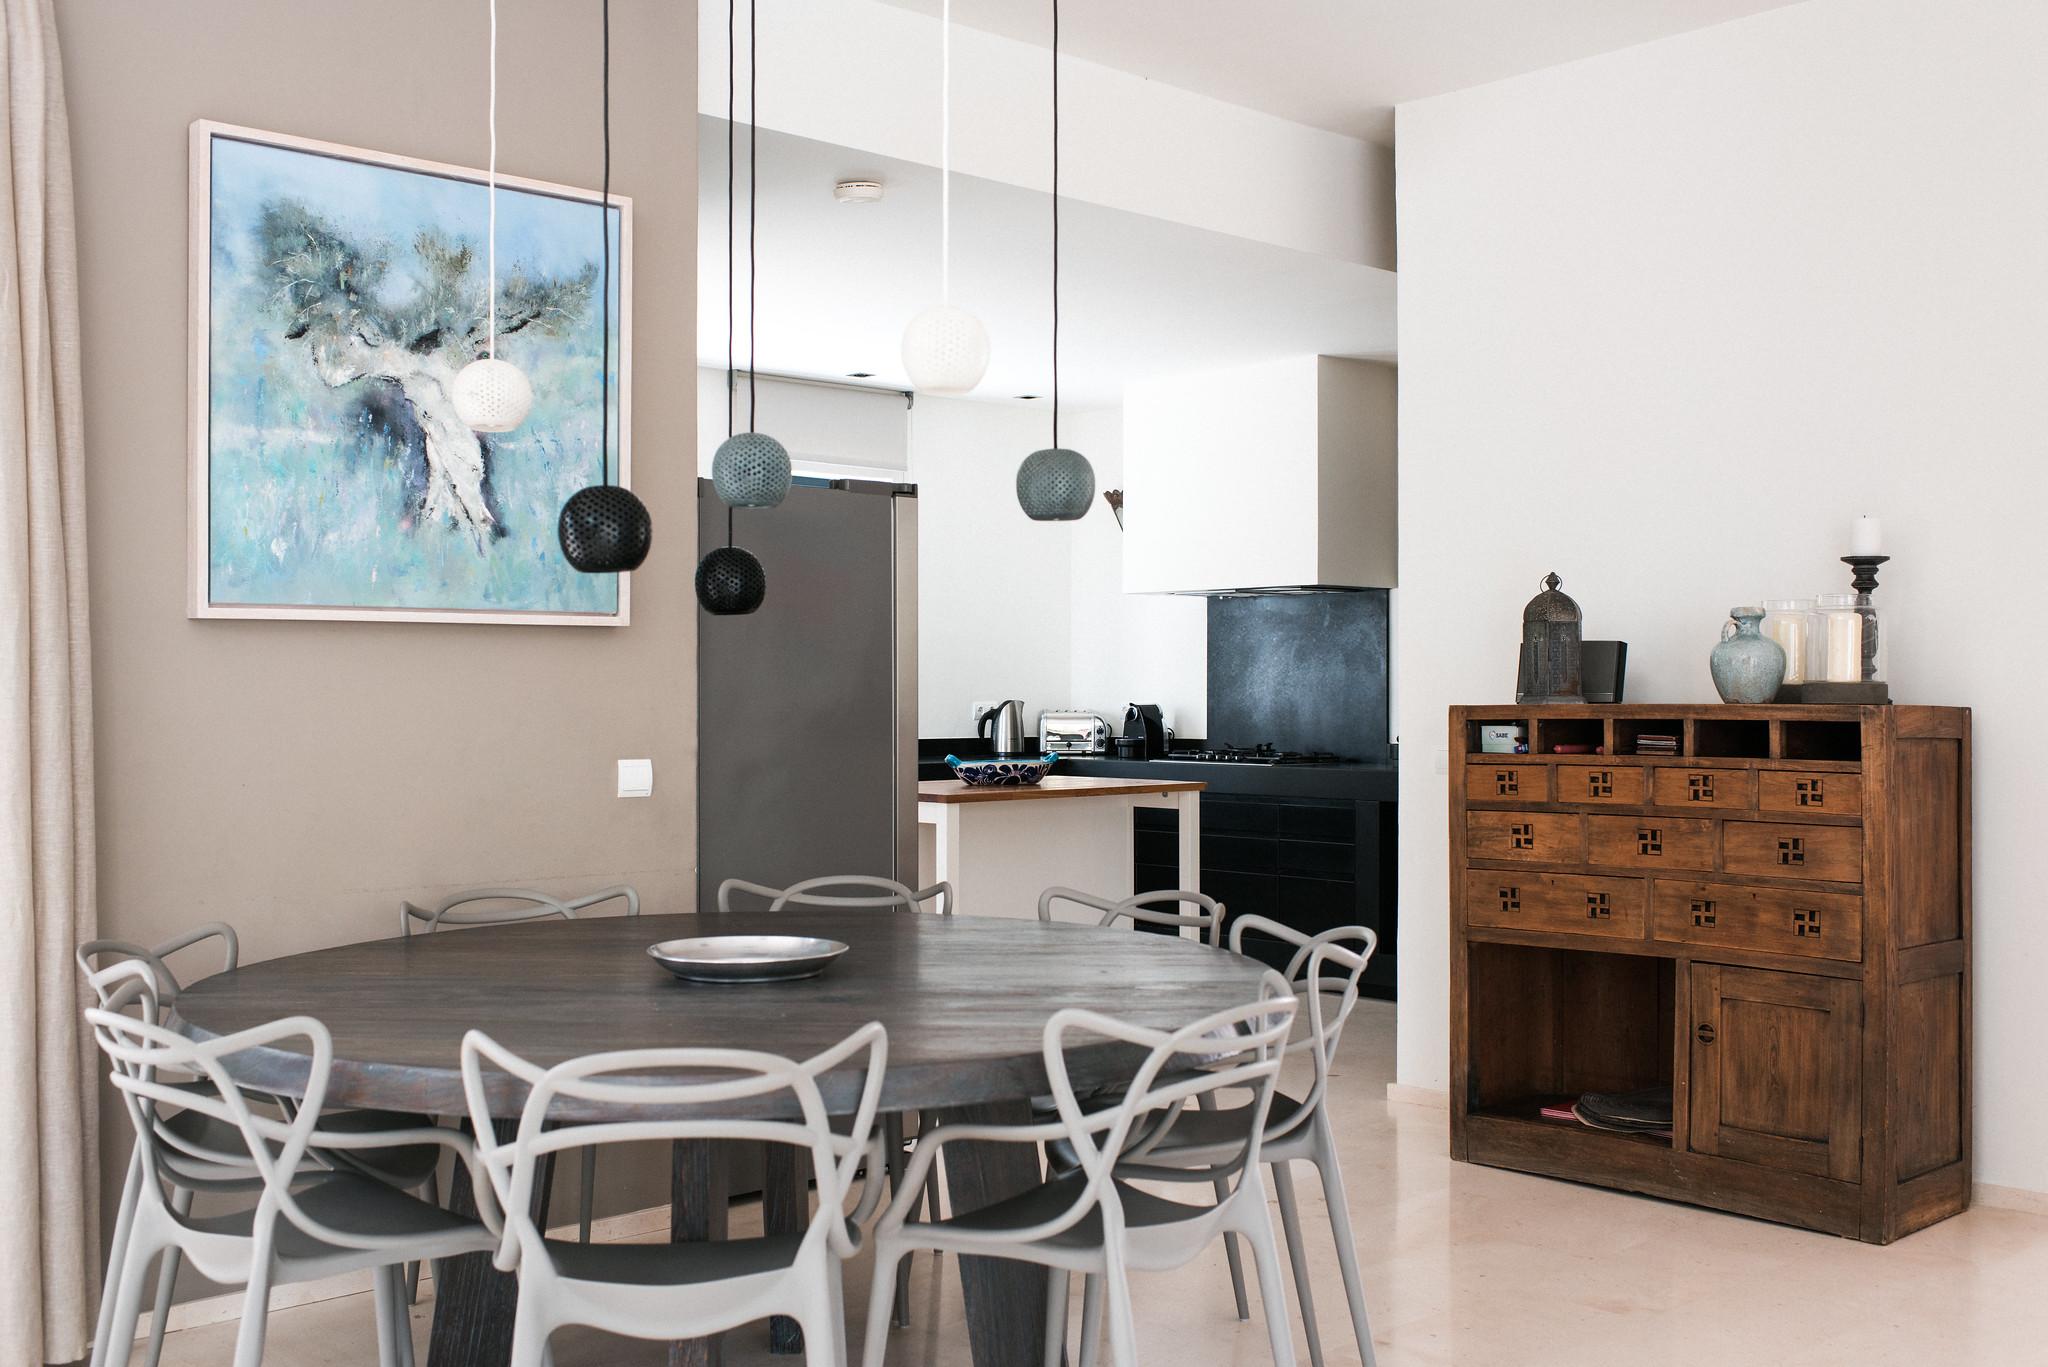 https://www.white-ibiza.com/wp-content/uploads/2020/05/white-ibiza-villas-casa-estrella-interior-inside-table.jpg